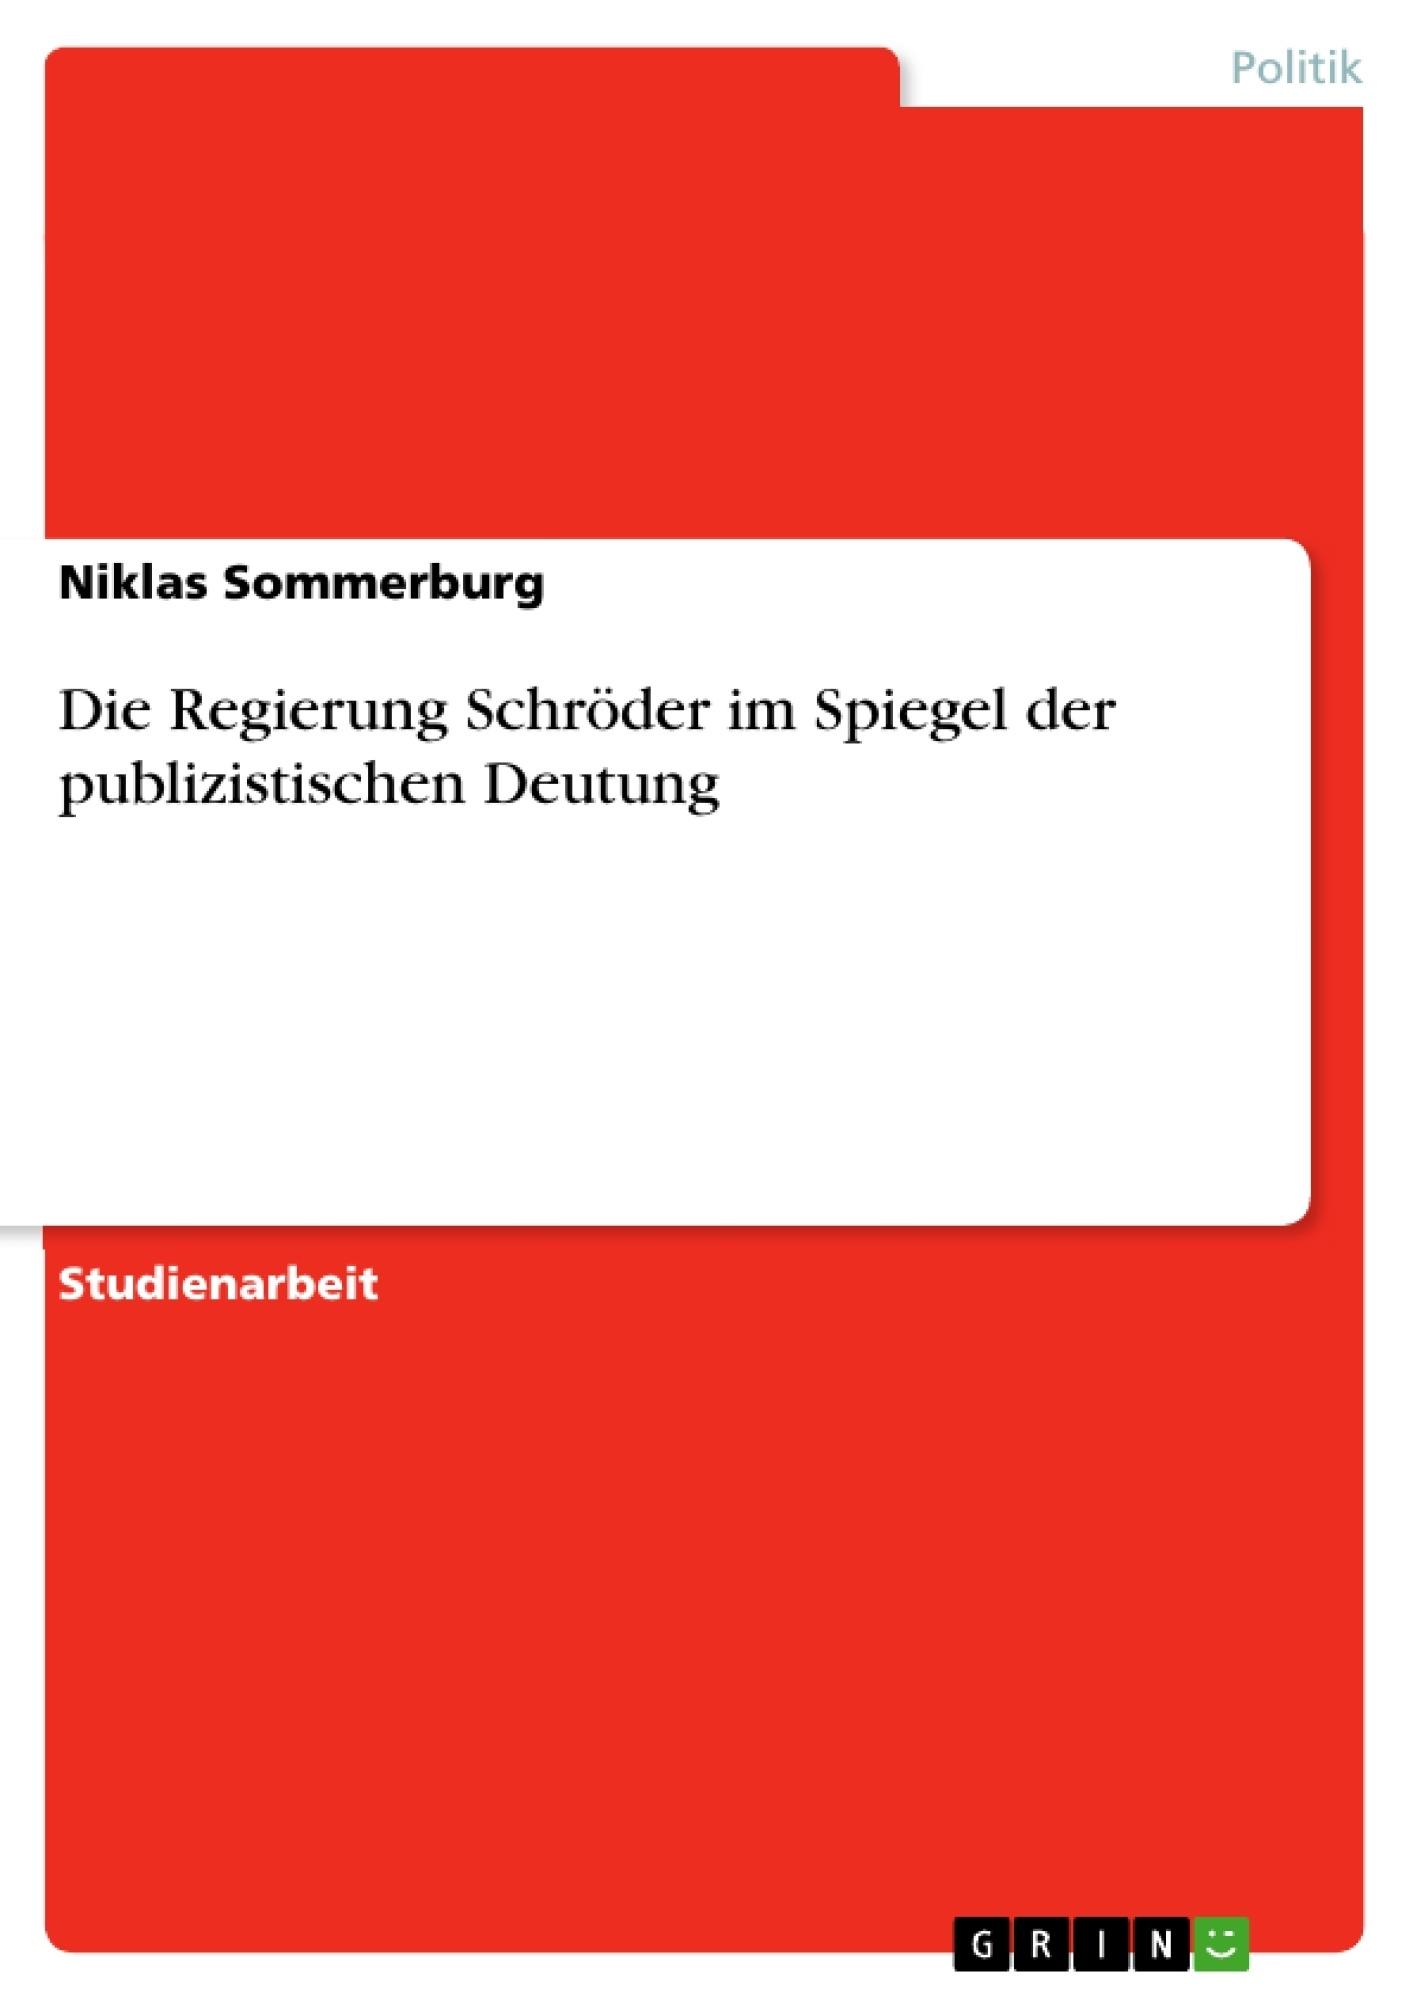 Titel: Die Regierung Schröder im Spiegel der publizistischen Deutung